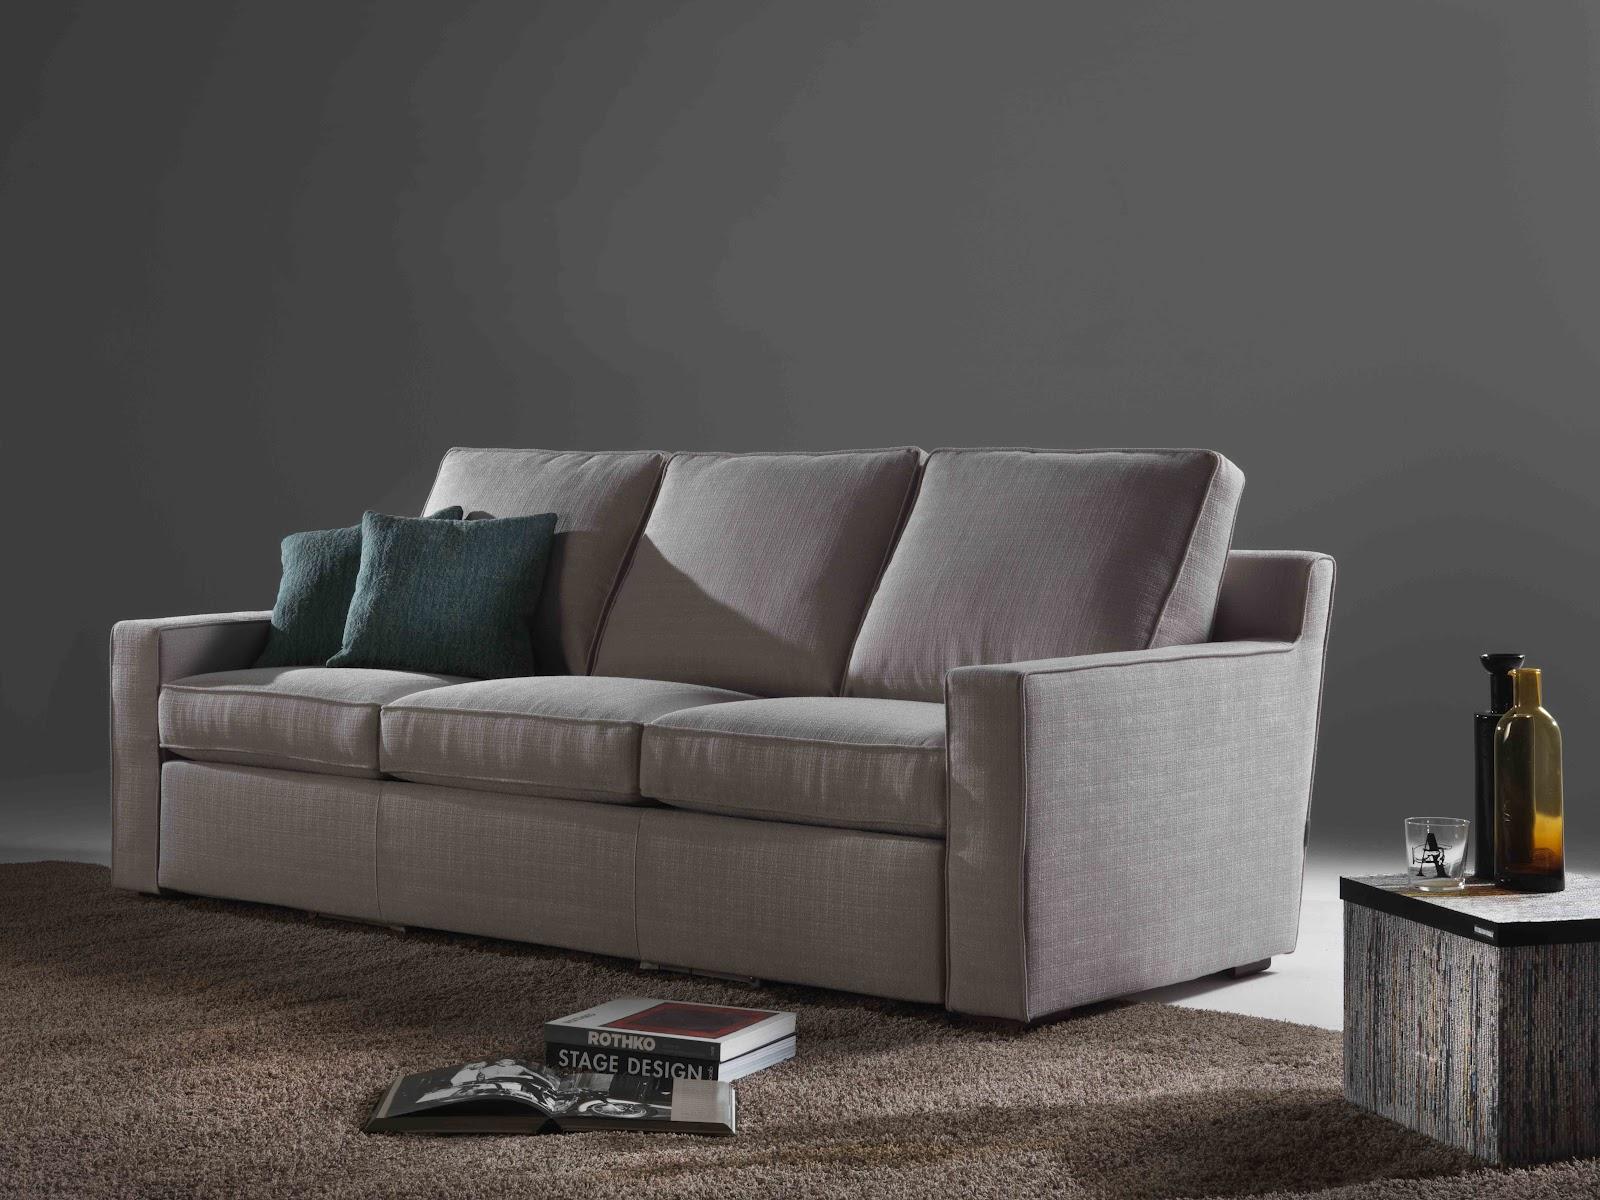 Fabbrica Divani A Brescia santambrogio salotti: produzione e vendita di divani e letti